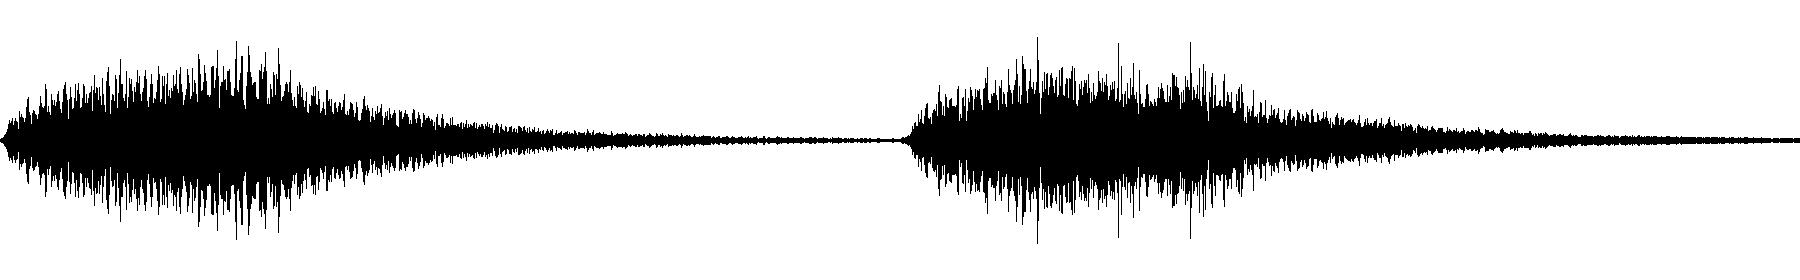 shs ch musicloop 127 strings1 cm